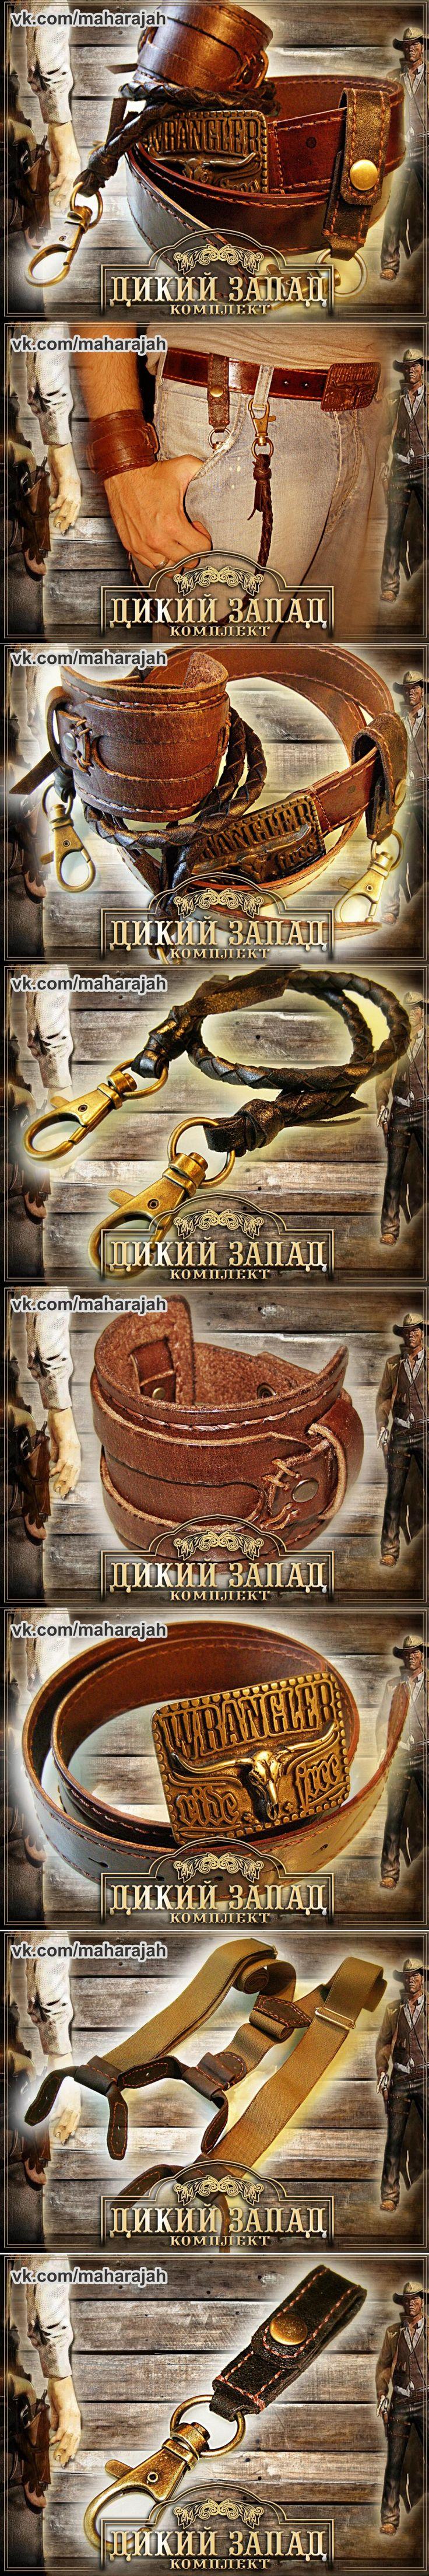 vk.com/maharajah Wild West set #: # belt, suspenders #, # Keychain Chain, # key chain belt, # bracelet. Leather, waxed thread insertion of two needles. Fittings brass. Комплект #Дикий запад: #ремень, #подтяжки, #брелок плетеный, #брелок на ремень, #браслет. Натуральная кожа, прошивка вощеной нитью в две иглы. Фурнитура латунь.